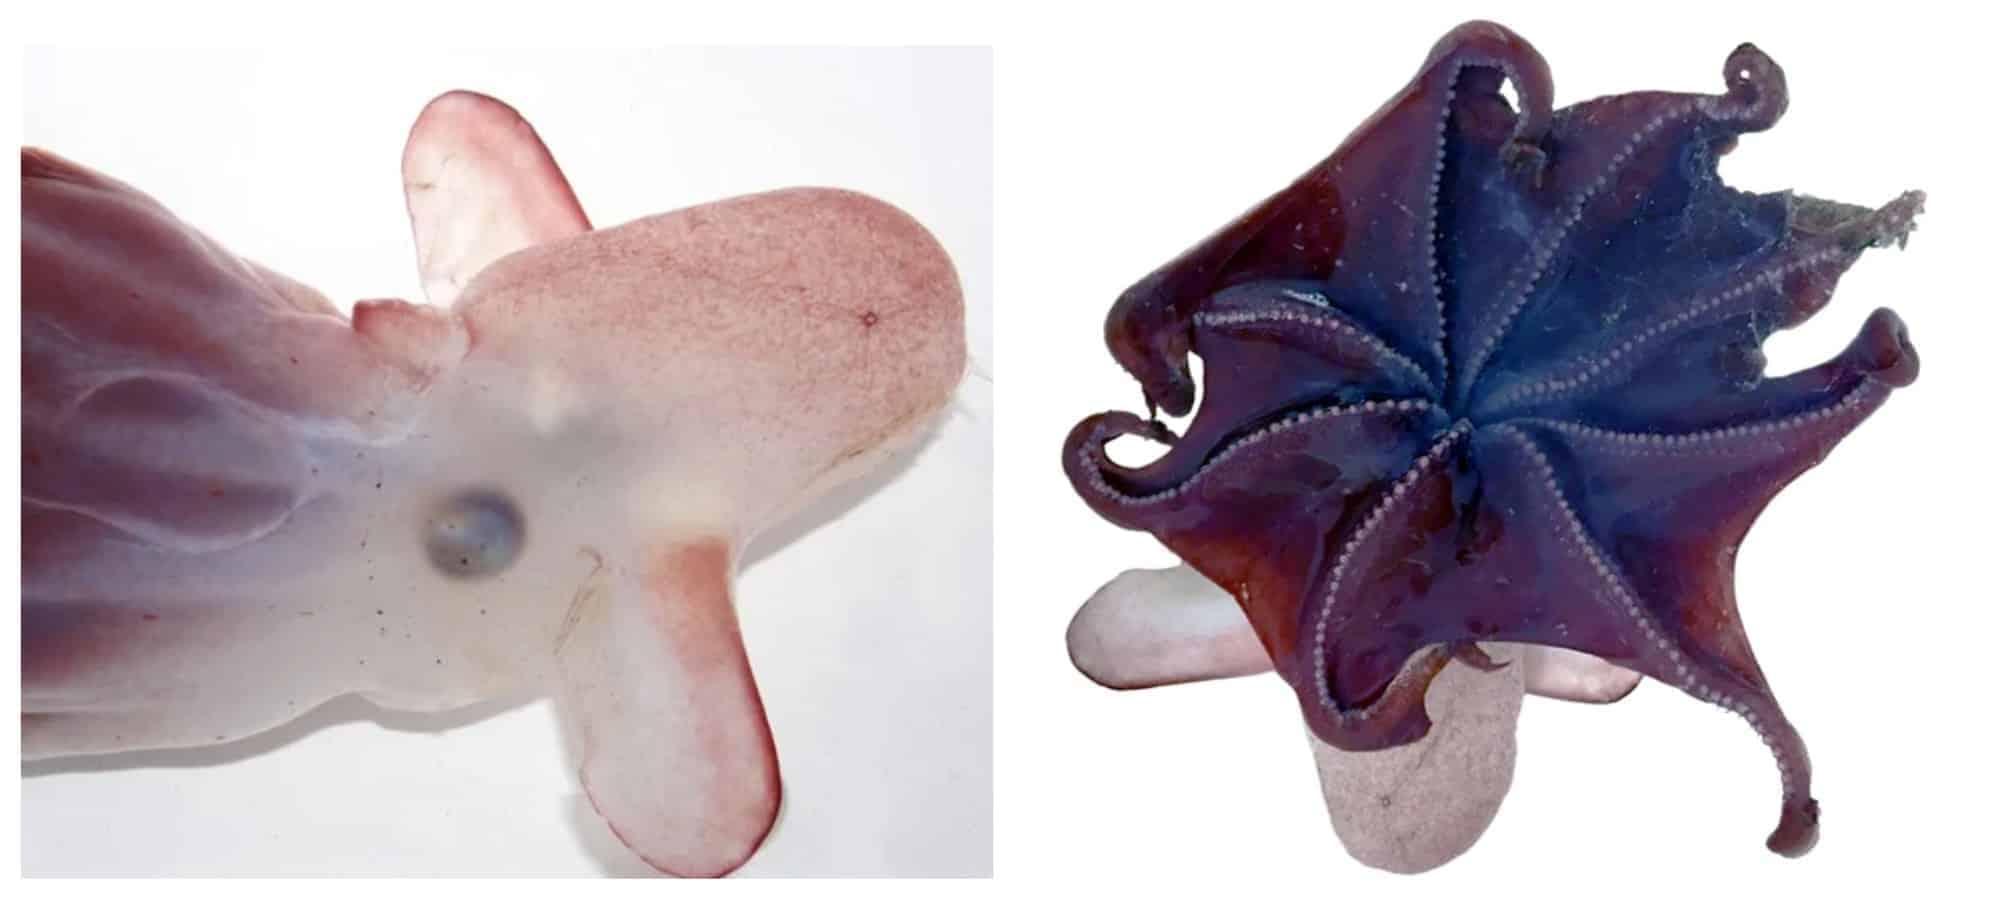 Un grupo de científicos encontró un nueva especie de pulpo Dumbo a unos 7.000 metros de profundidad